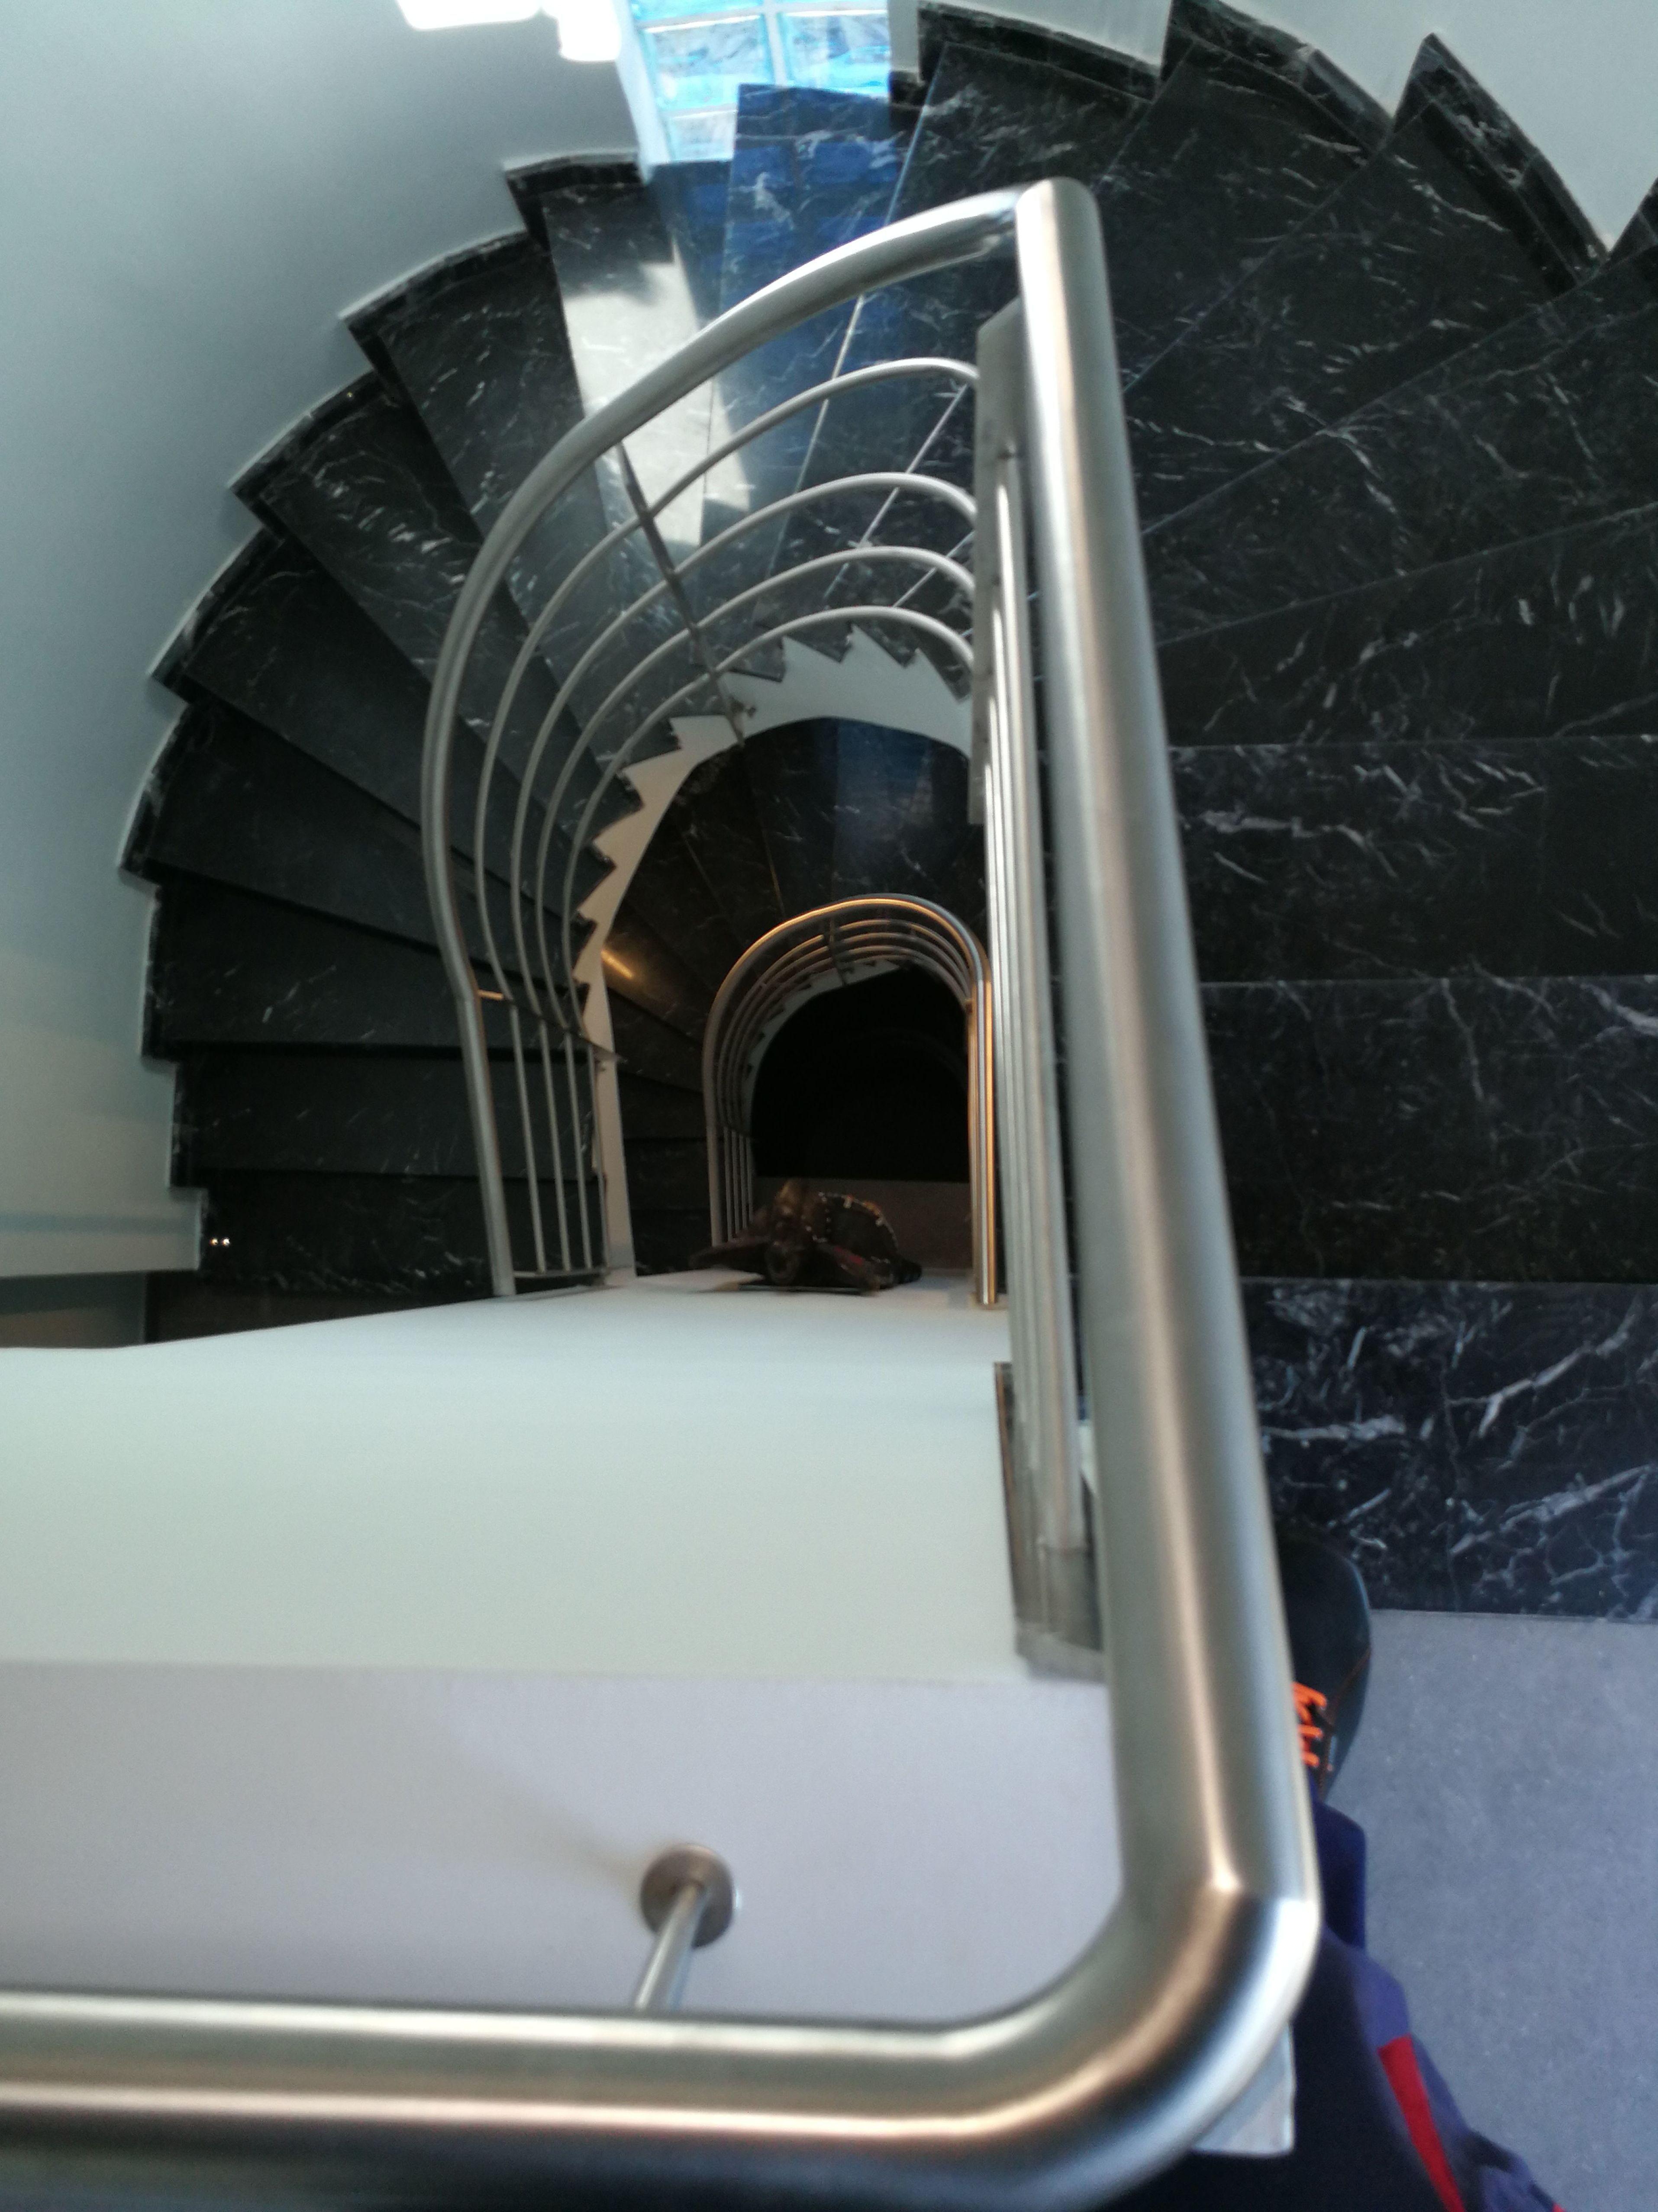 Foto 98 de Especialistas en diseños y proyectos en acero inoxidable en Alcalá de Guadaíra | Icminox